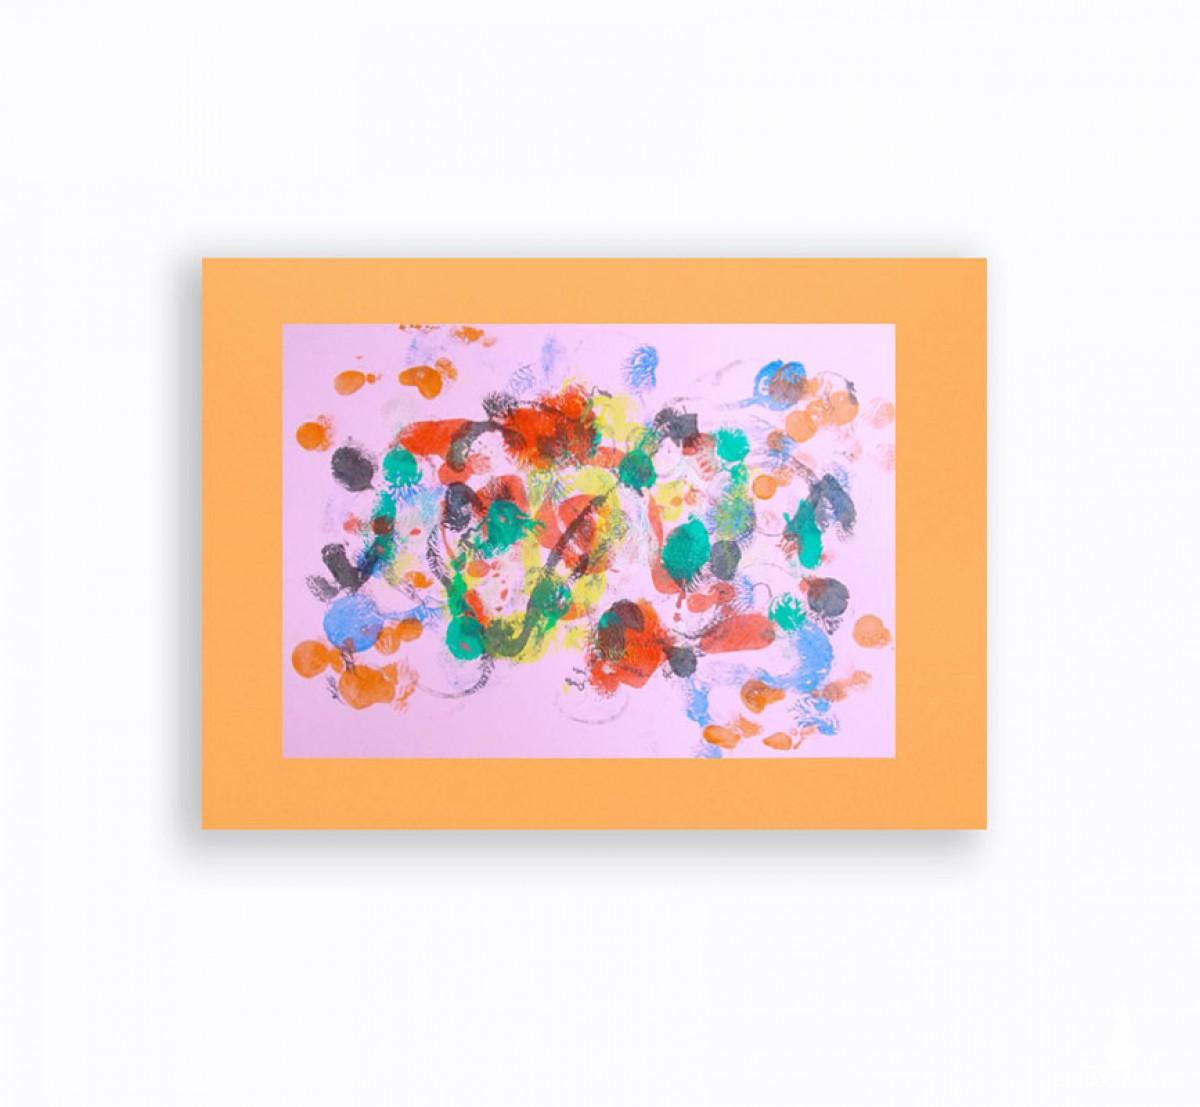 abstrakcja ręcznie malowana, kolorowa dekoracja na ścianę, nowoczesna grafika do pokoju, energetyczny obraz do loftu